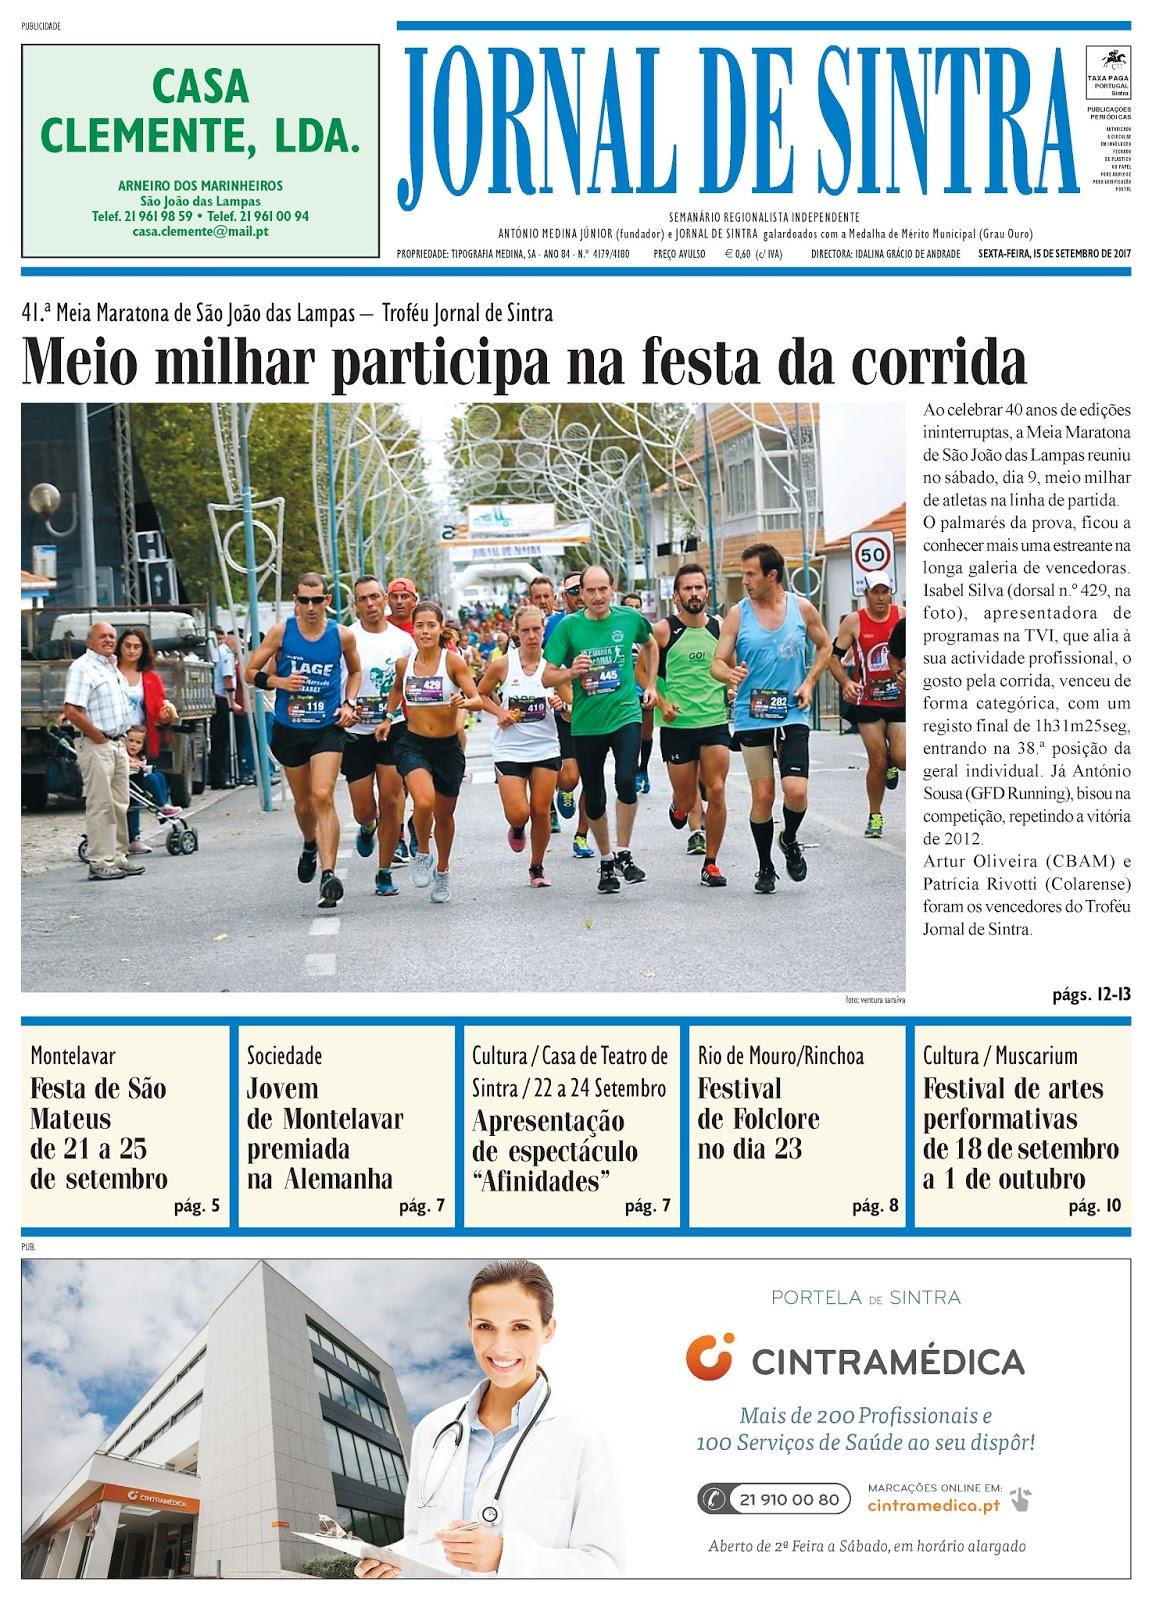 Capa da edição de 15-09-2017